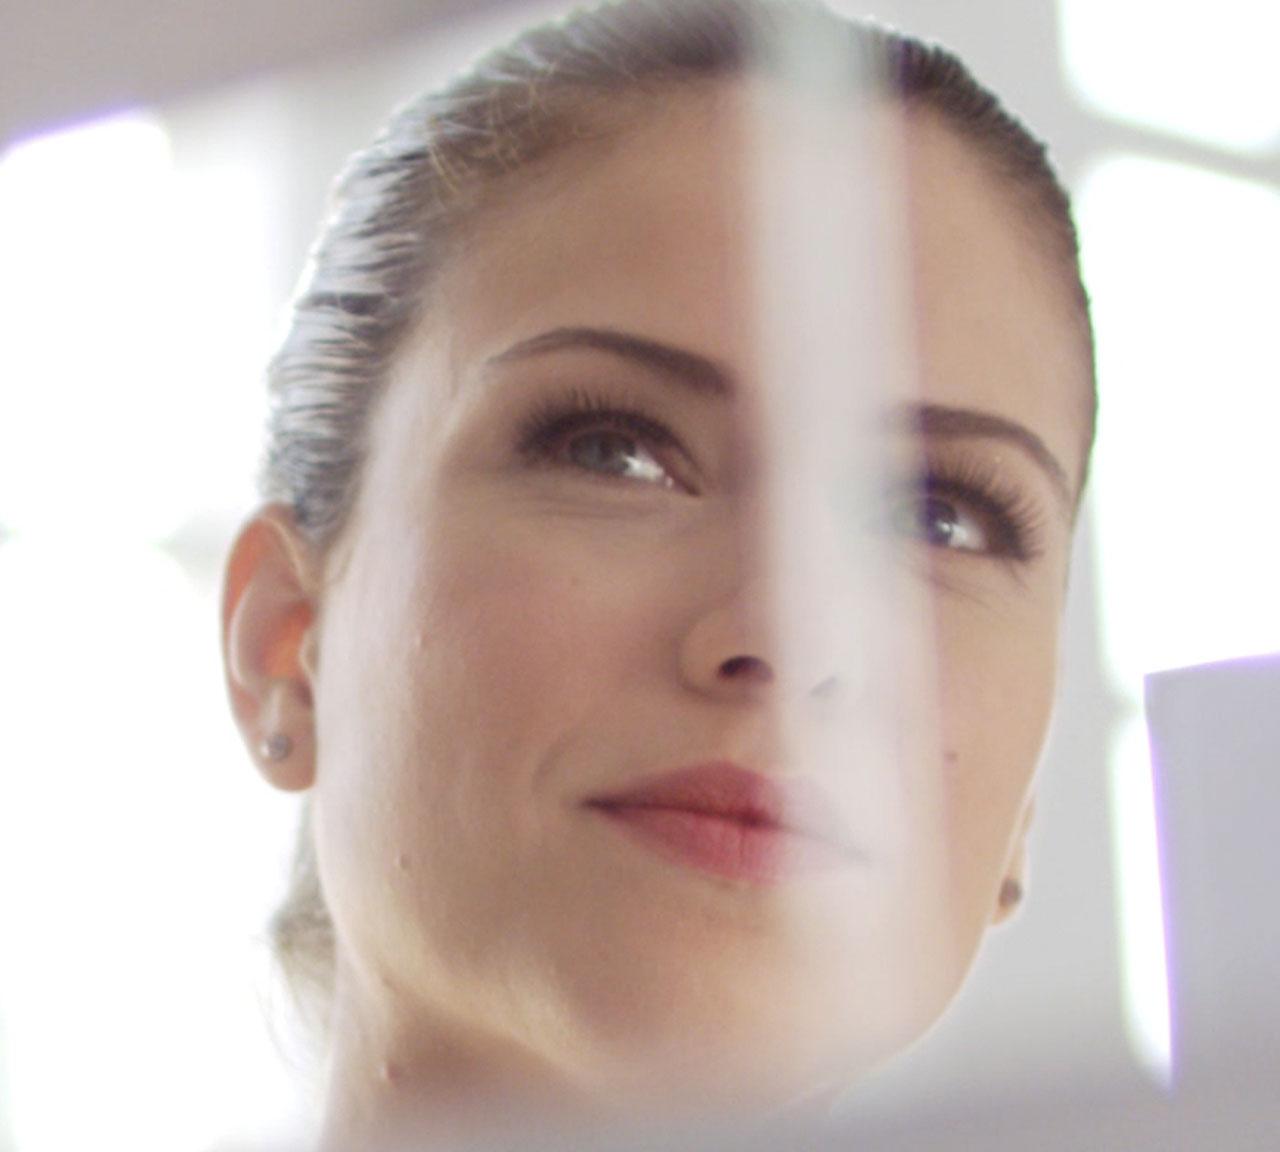 GSK – FISIOGEL – INFLUENCIANDO OS INFLUENCIADORES